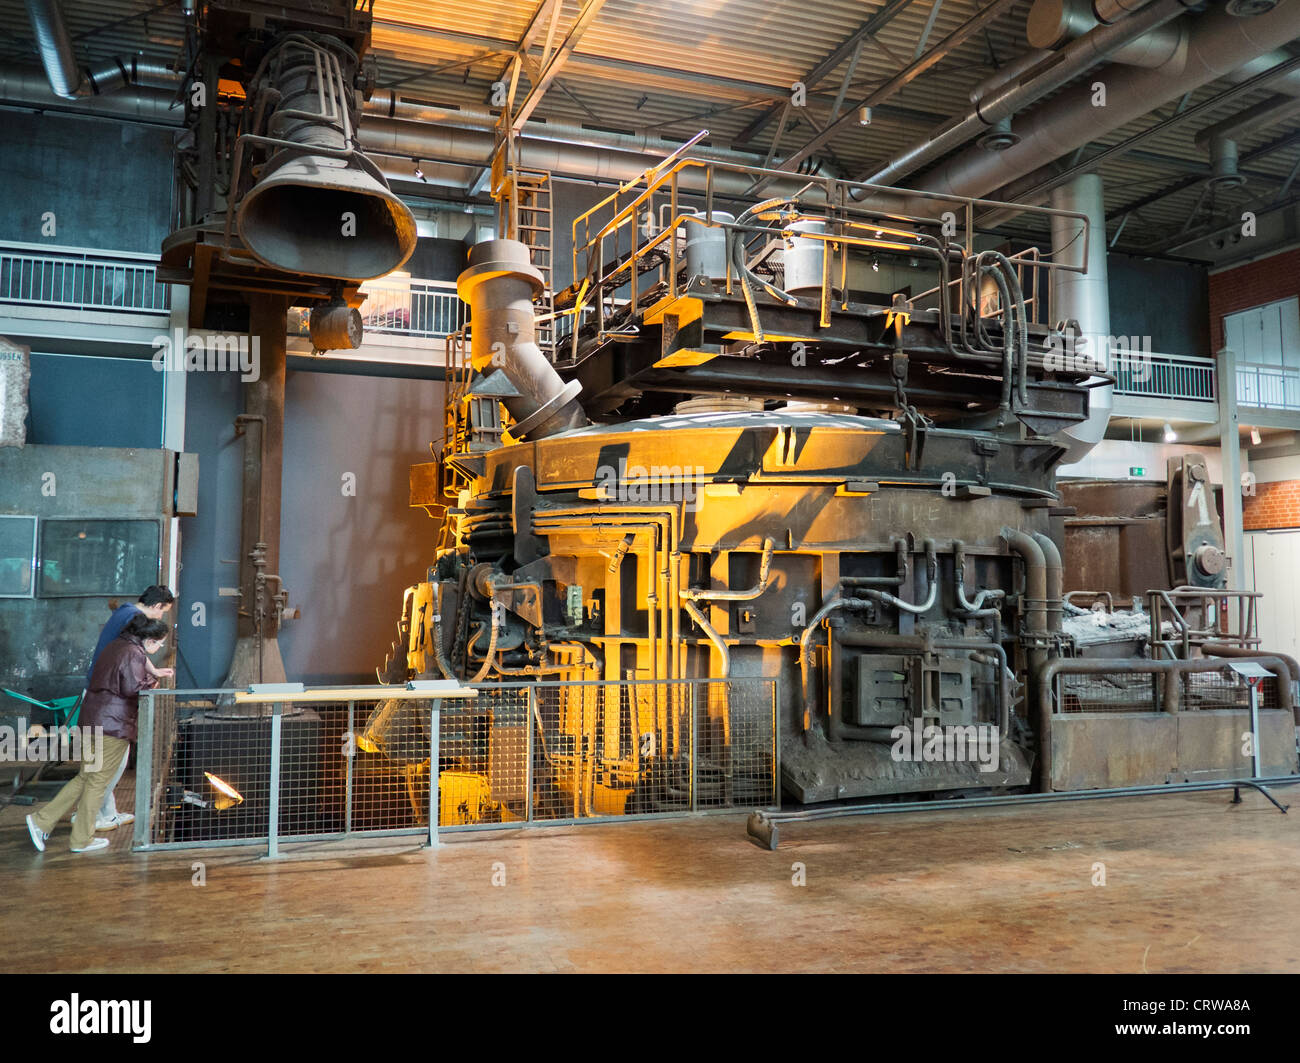 Blast furnace exhibit at Deutsche Arbeitsschutzausstellung DASA or German Museum of Occupational Health and Safety - Stock Image